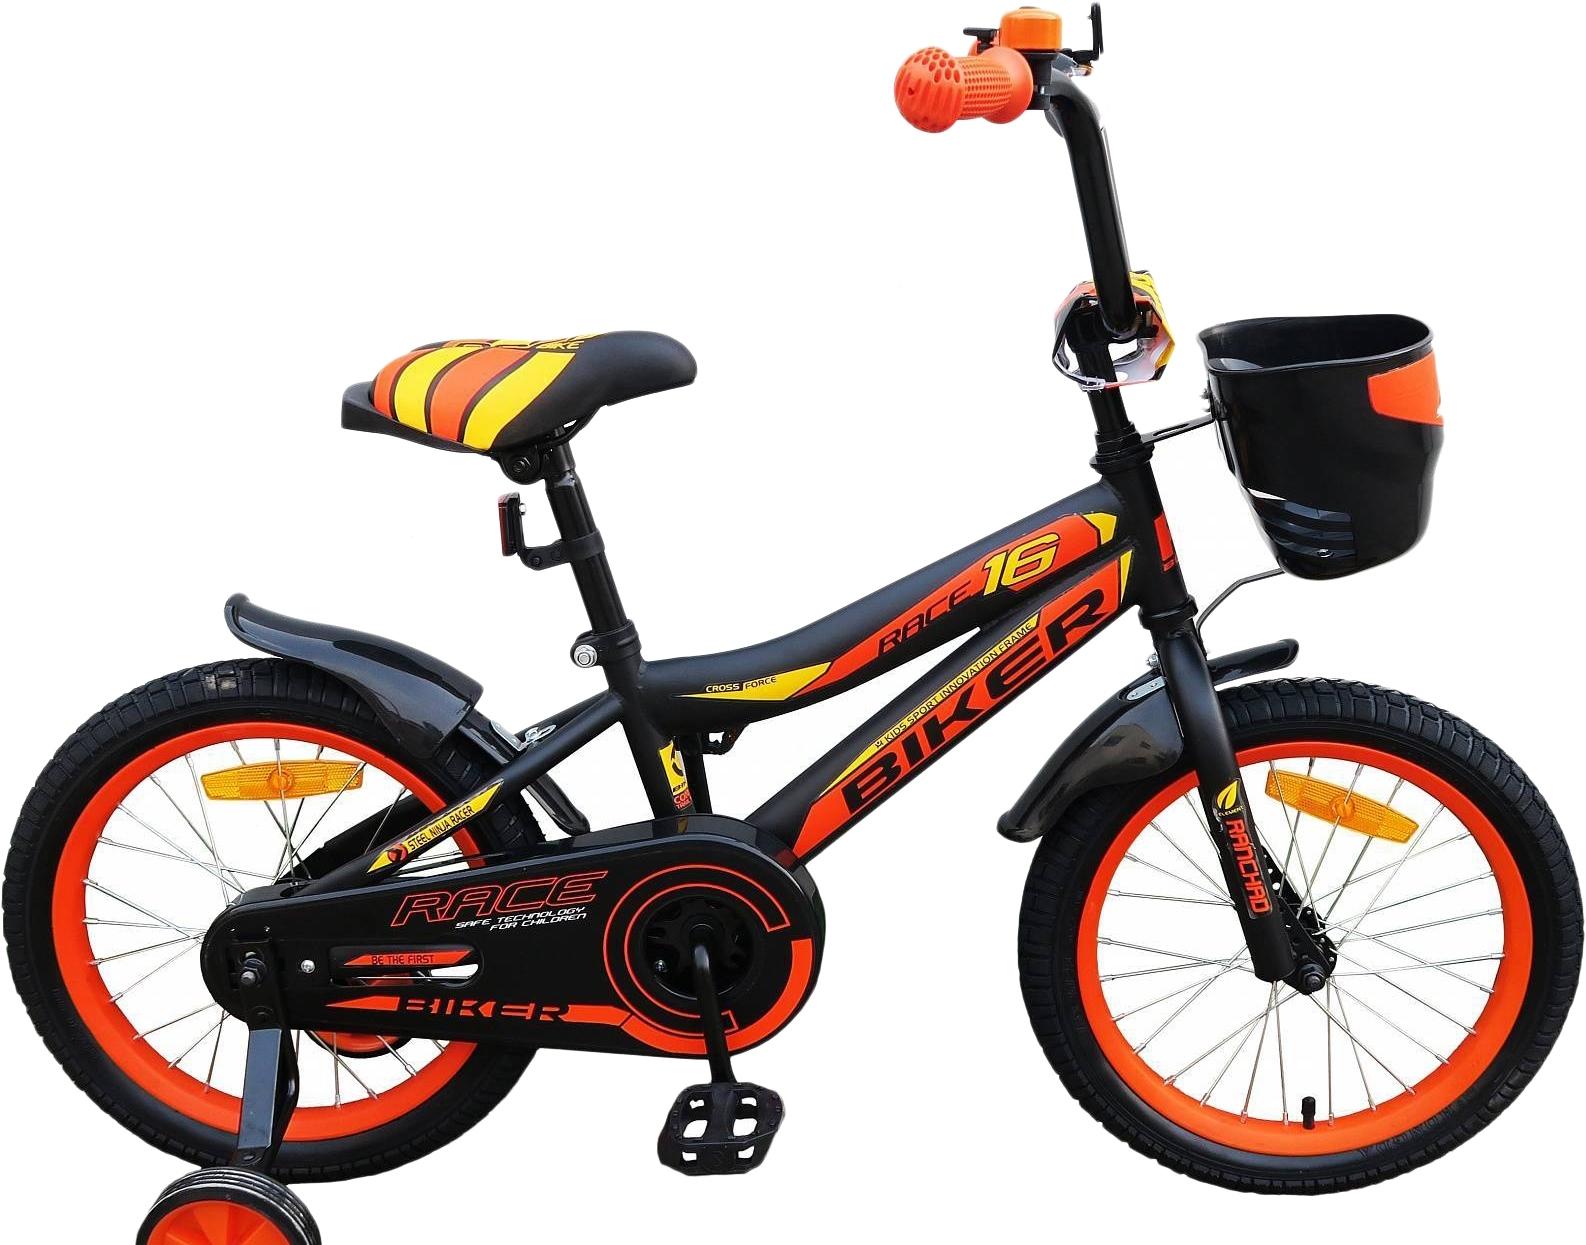 Детский велосипед Favorit Biker 16 (черный/оранжевый, 2018)